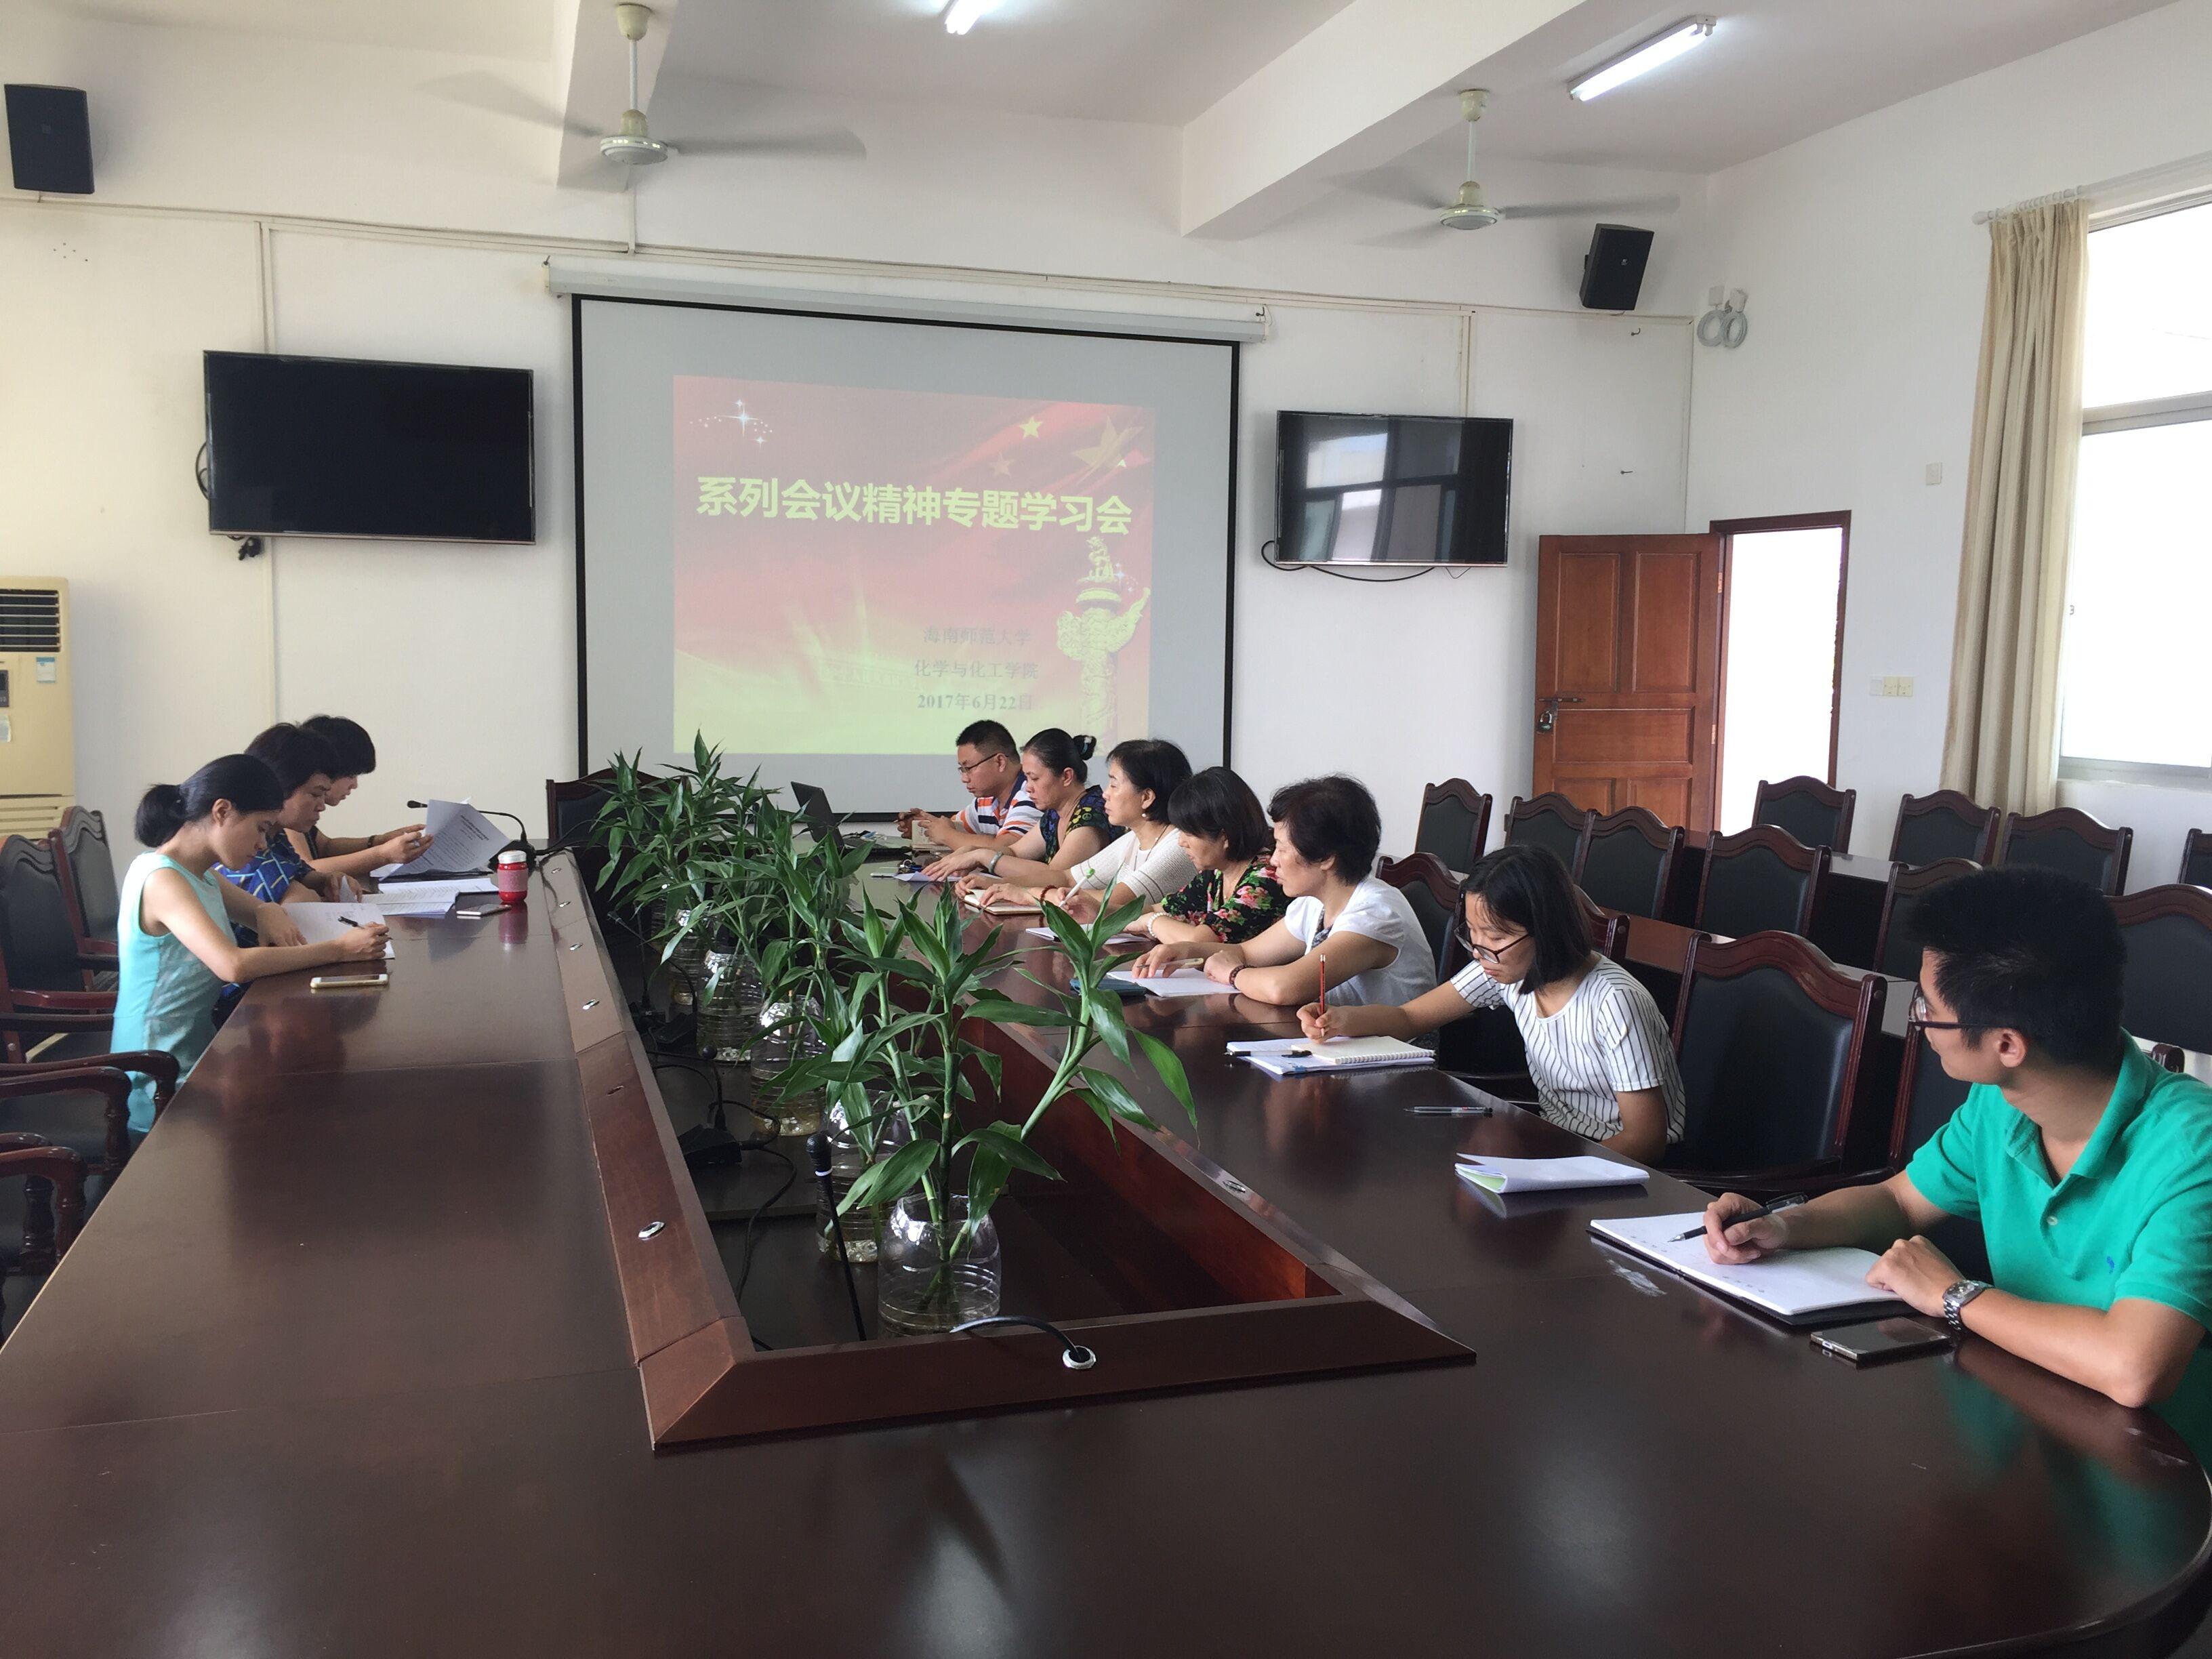 化学与化工学院行政人员举行专题学习会